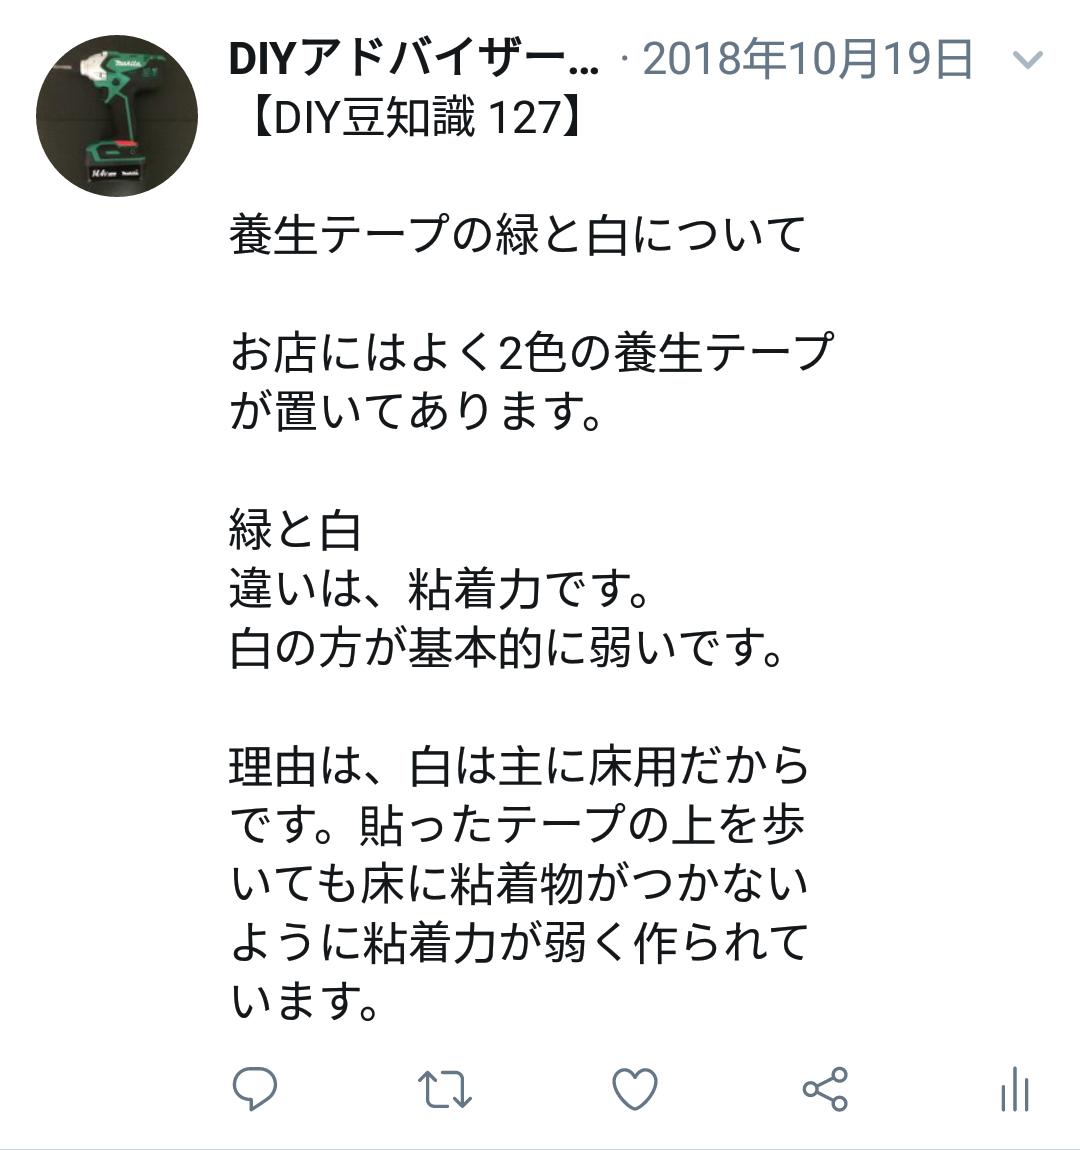 f:id:DIY33:20190406203506p:plain